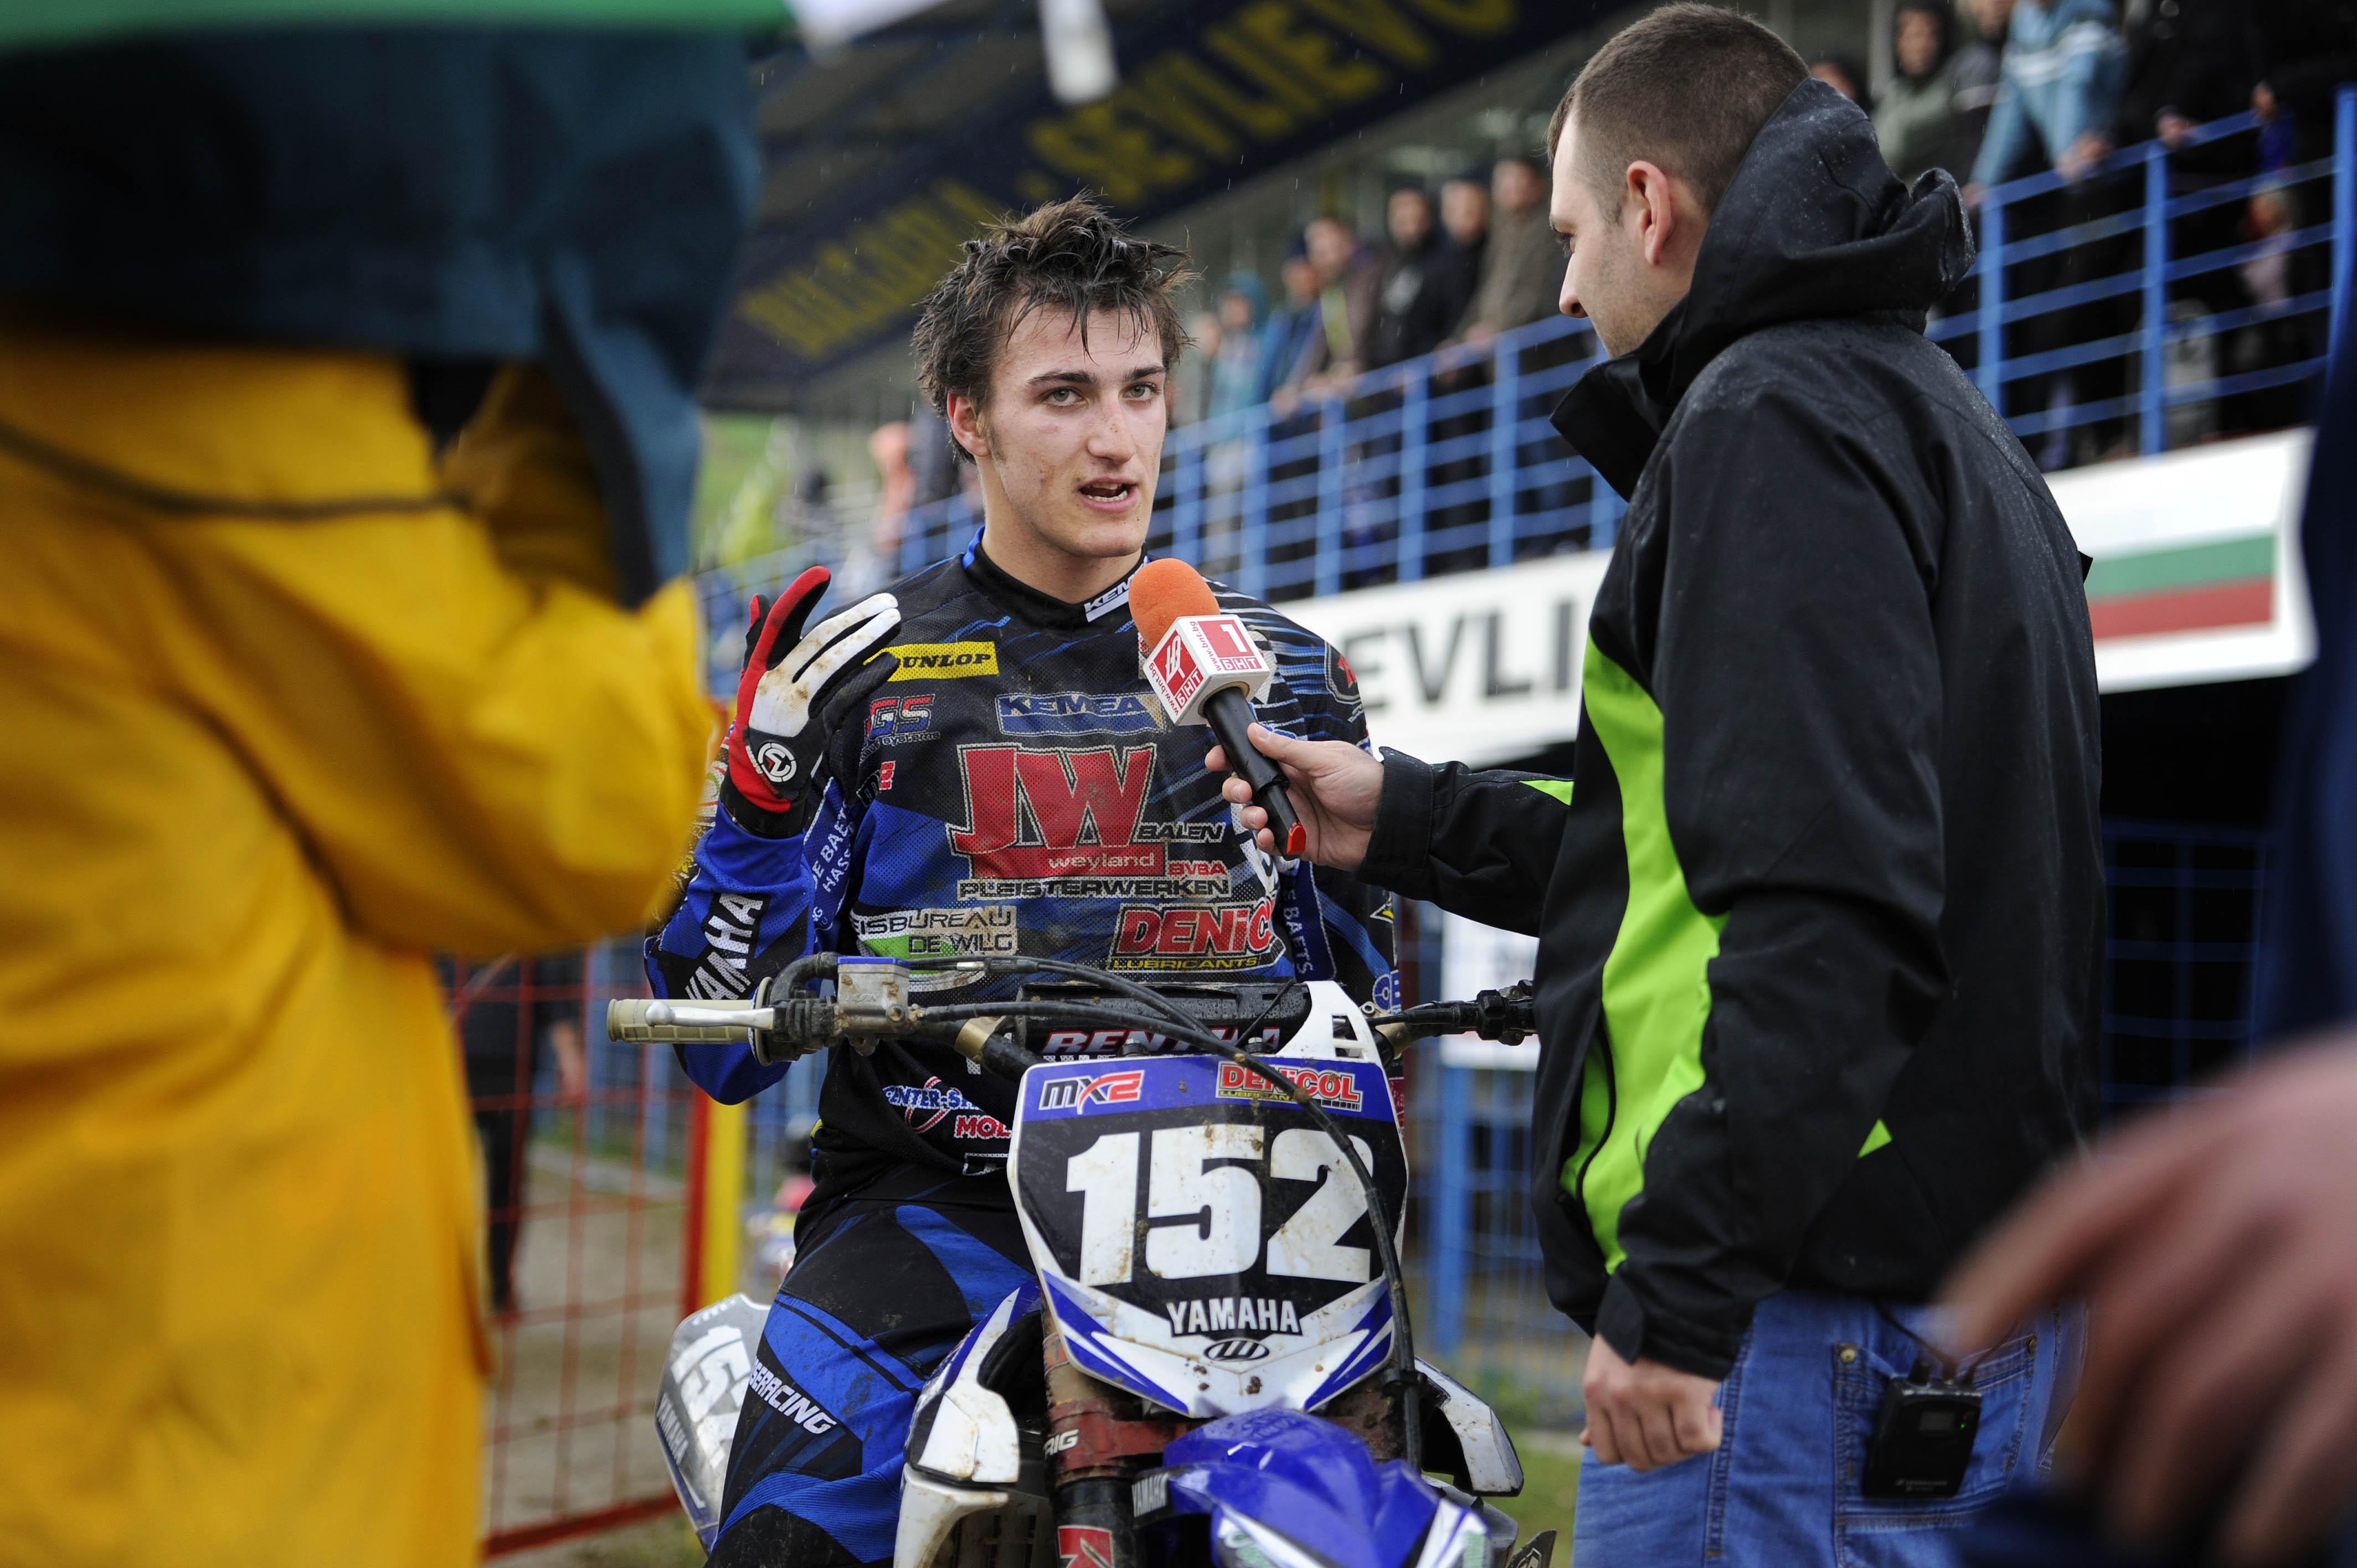 Petar Petrov: excellent résultat devant ses supporters!